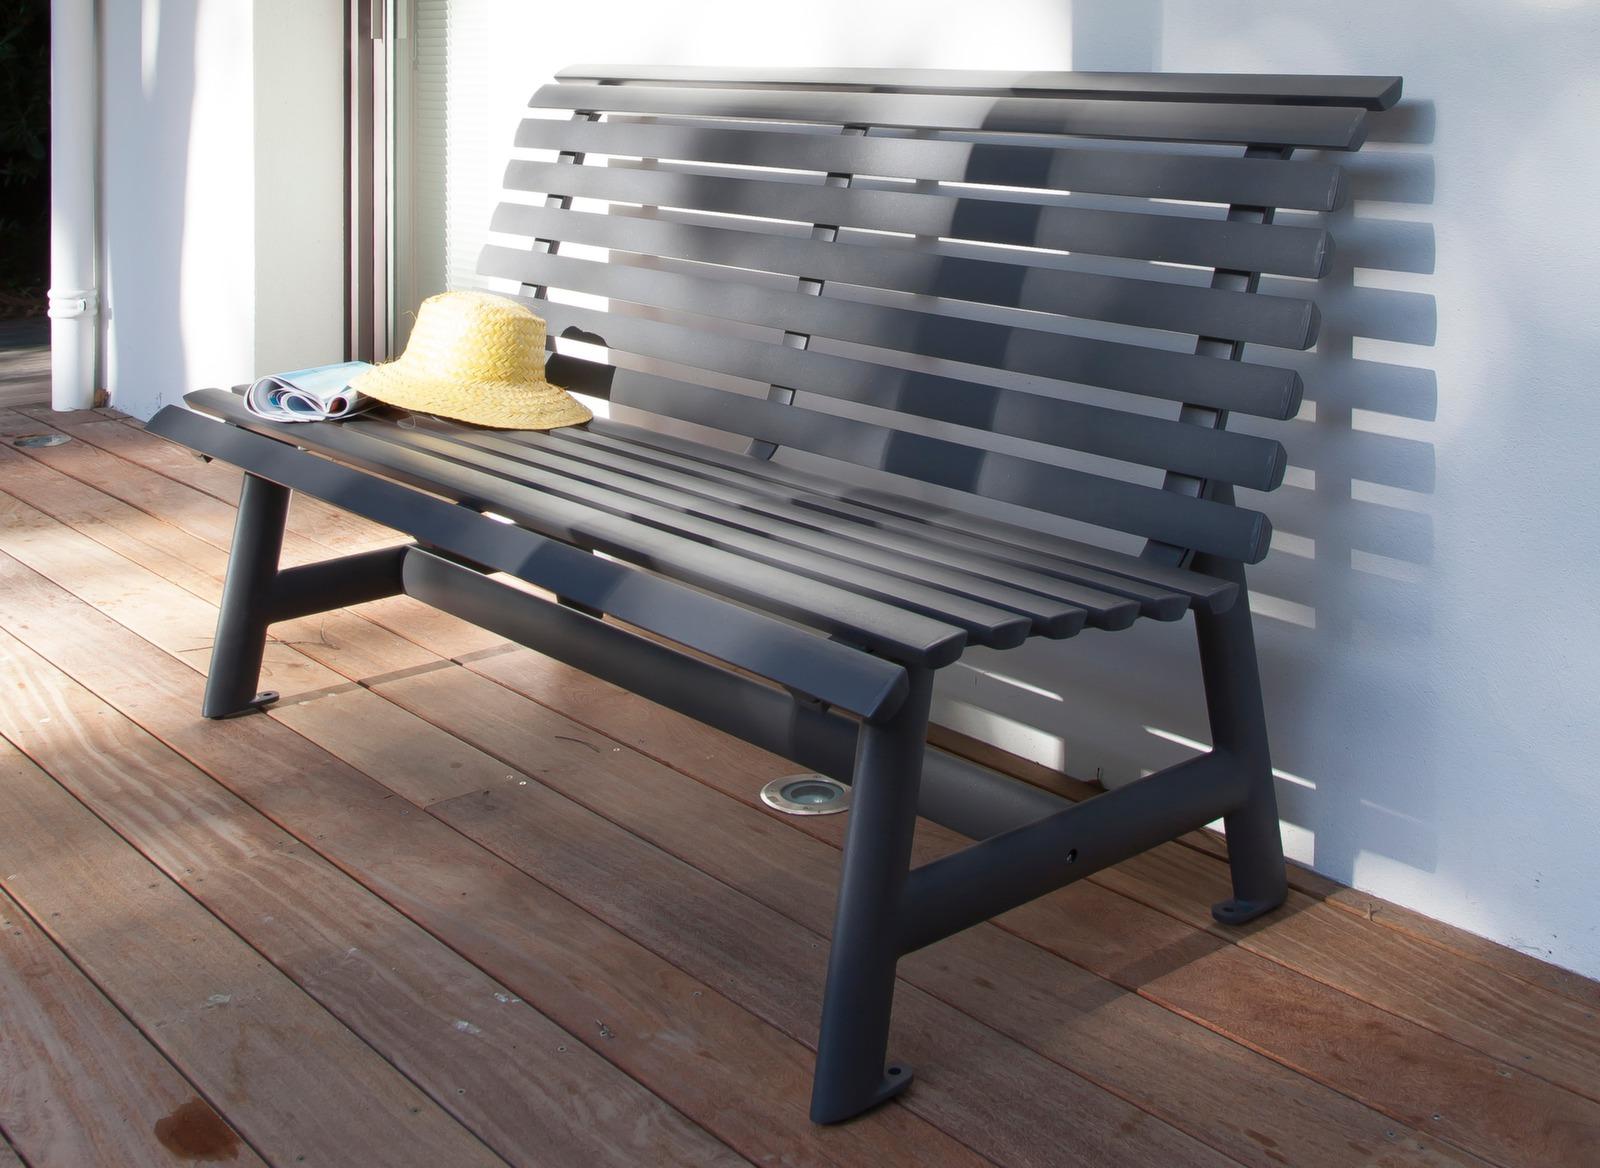 Banc de jardin en aluminium Square 3 places – Proloisirs